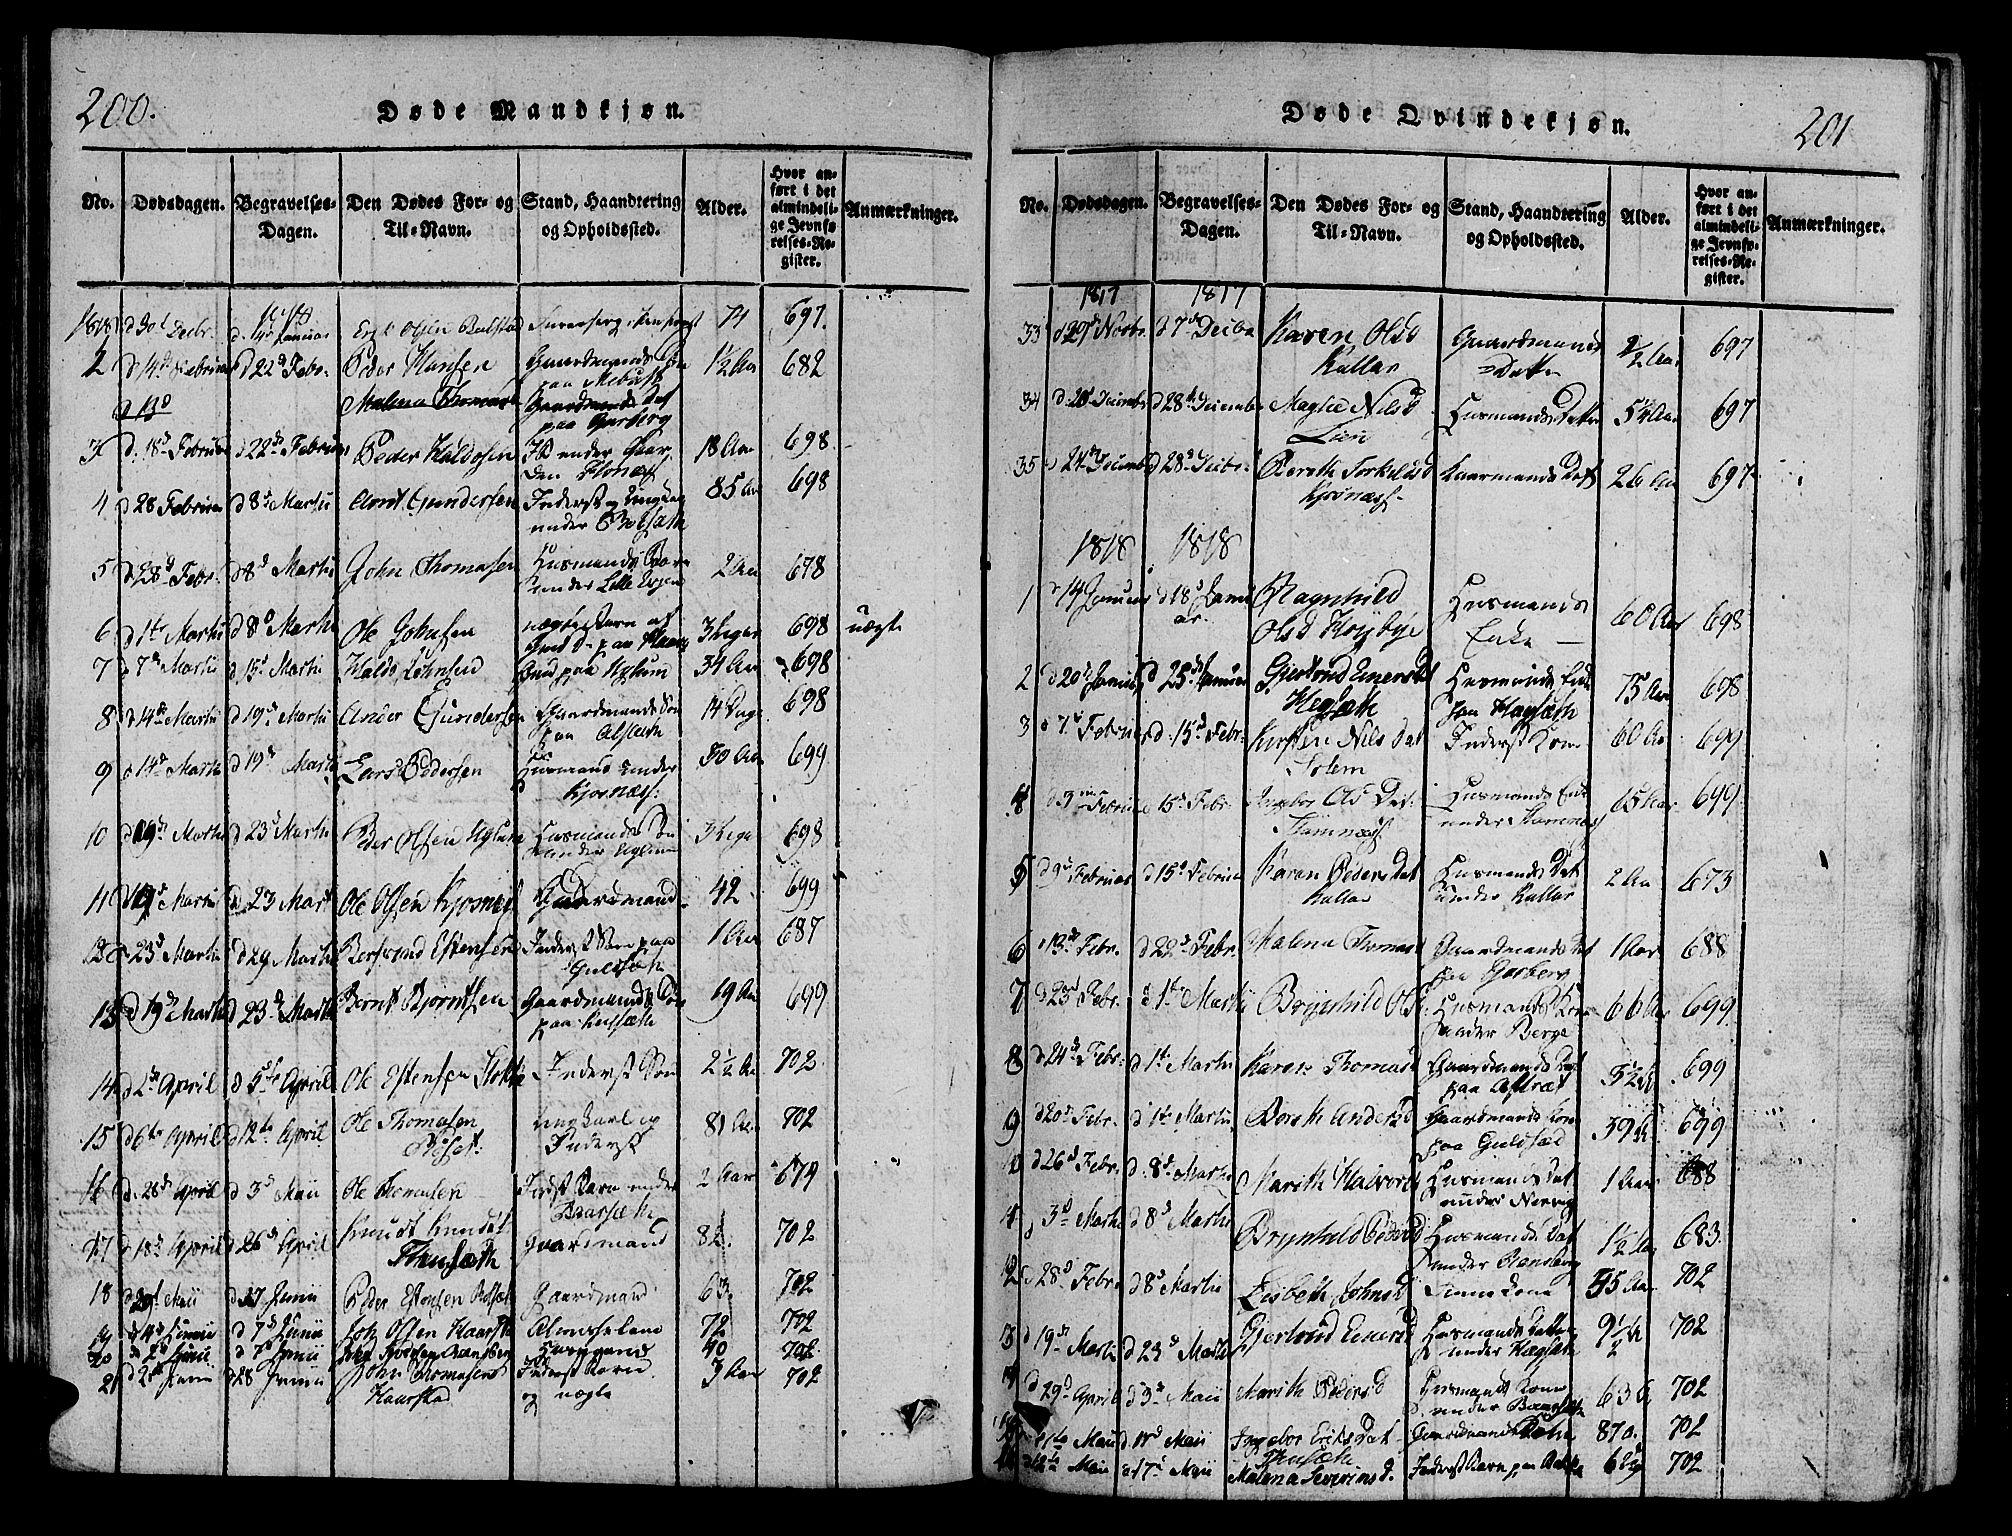 SAT, Ministerialprotokoller, klokkerbøker og fødselsregistre - Sør-Trøndelag, 695/L1141: Ministerialbok nr. 695A04 /1, 1816-1824, s. 200-201